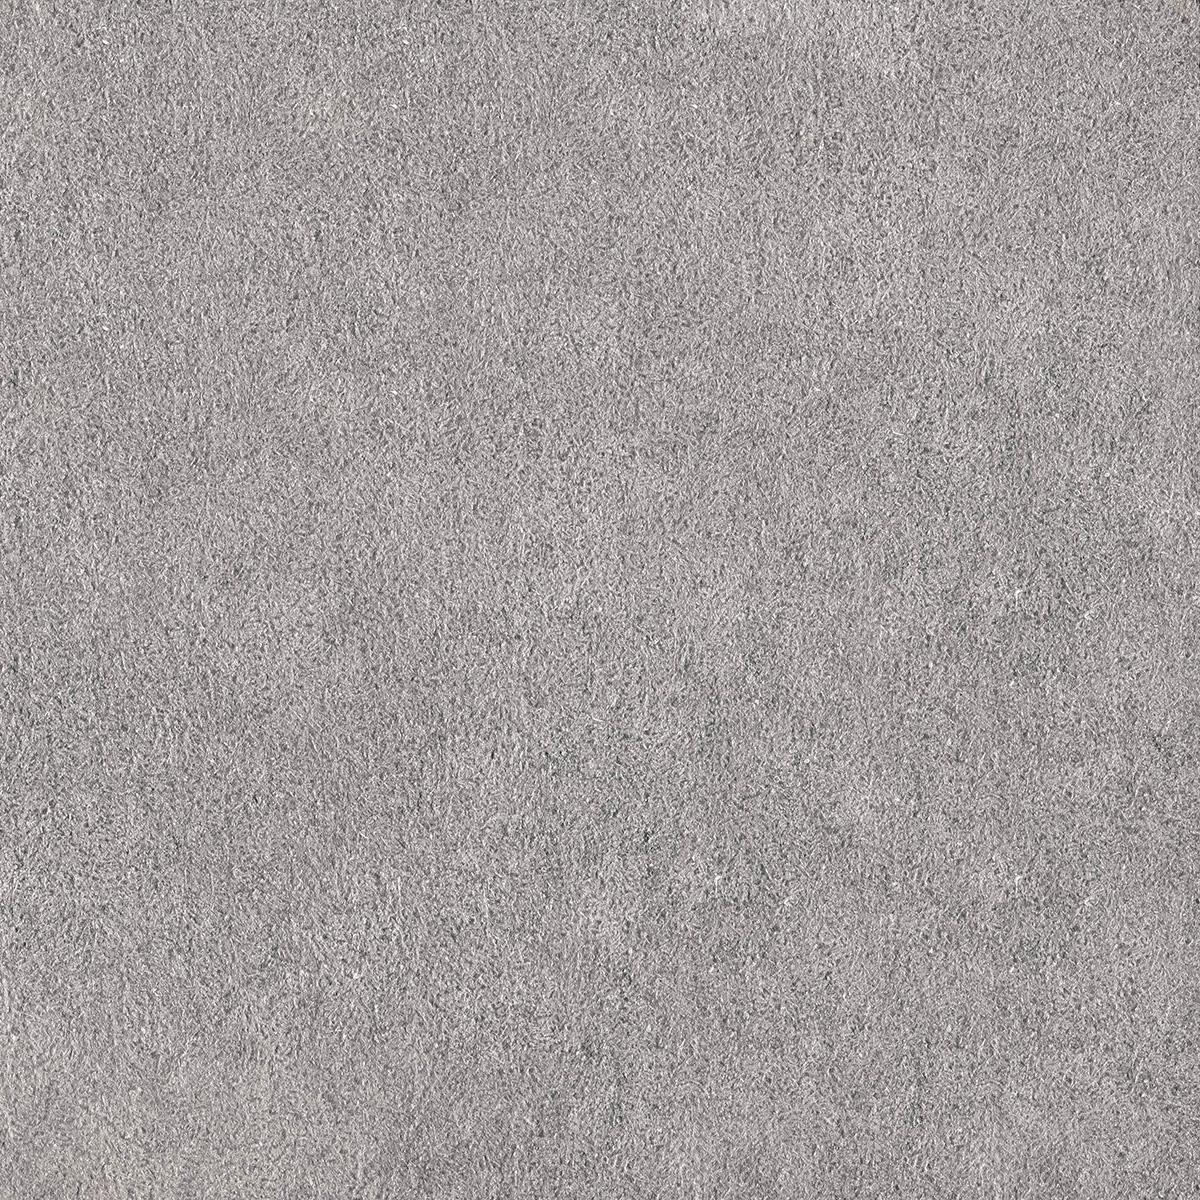 Delconca HSC2 Stone Capital Gray